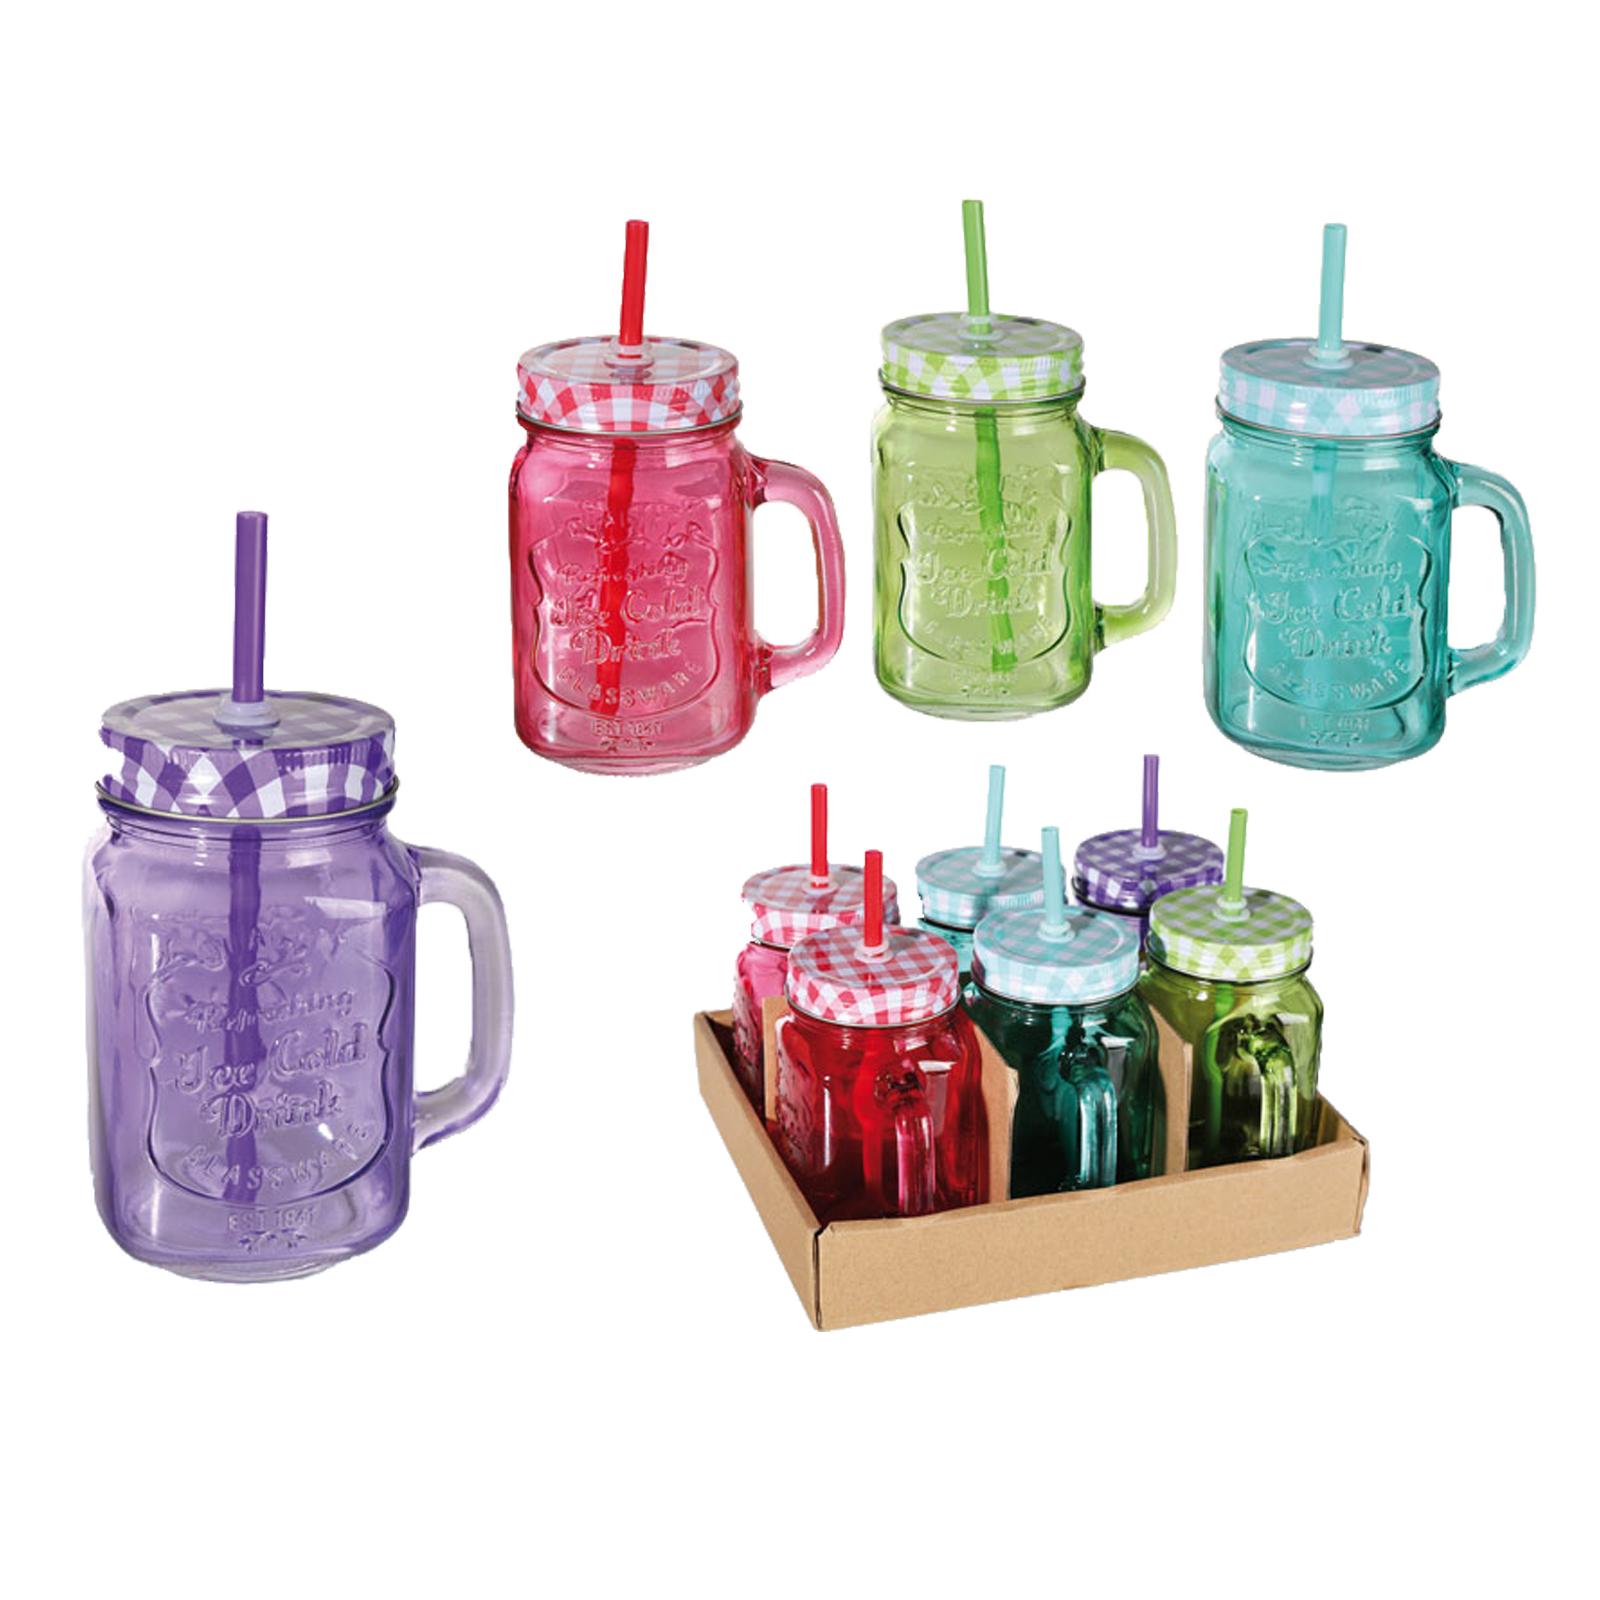 6er set trinkglas henkel halm trinkhalm trinkbecher glas becher 400ml bunt ebay. Black Bedroom Furniture Sets. Home Design Ideas